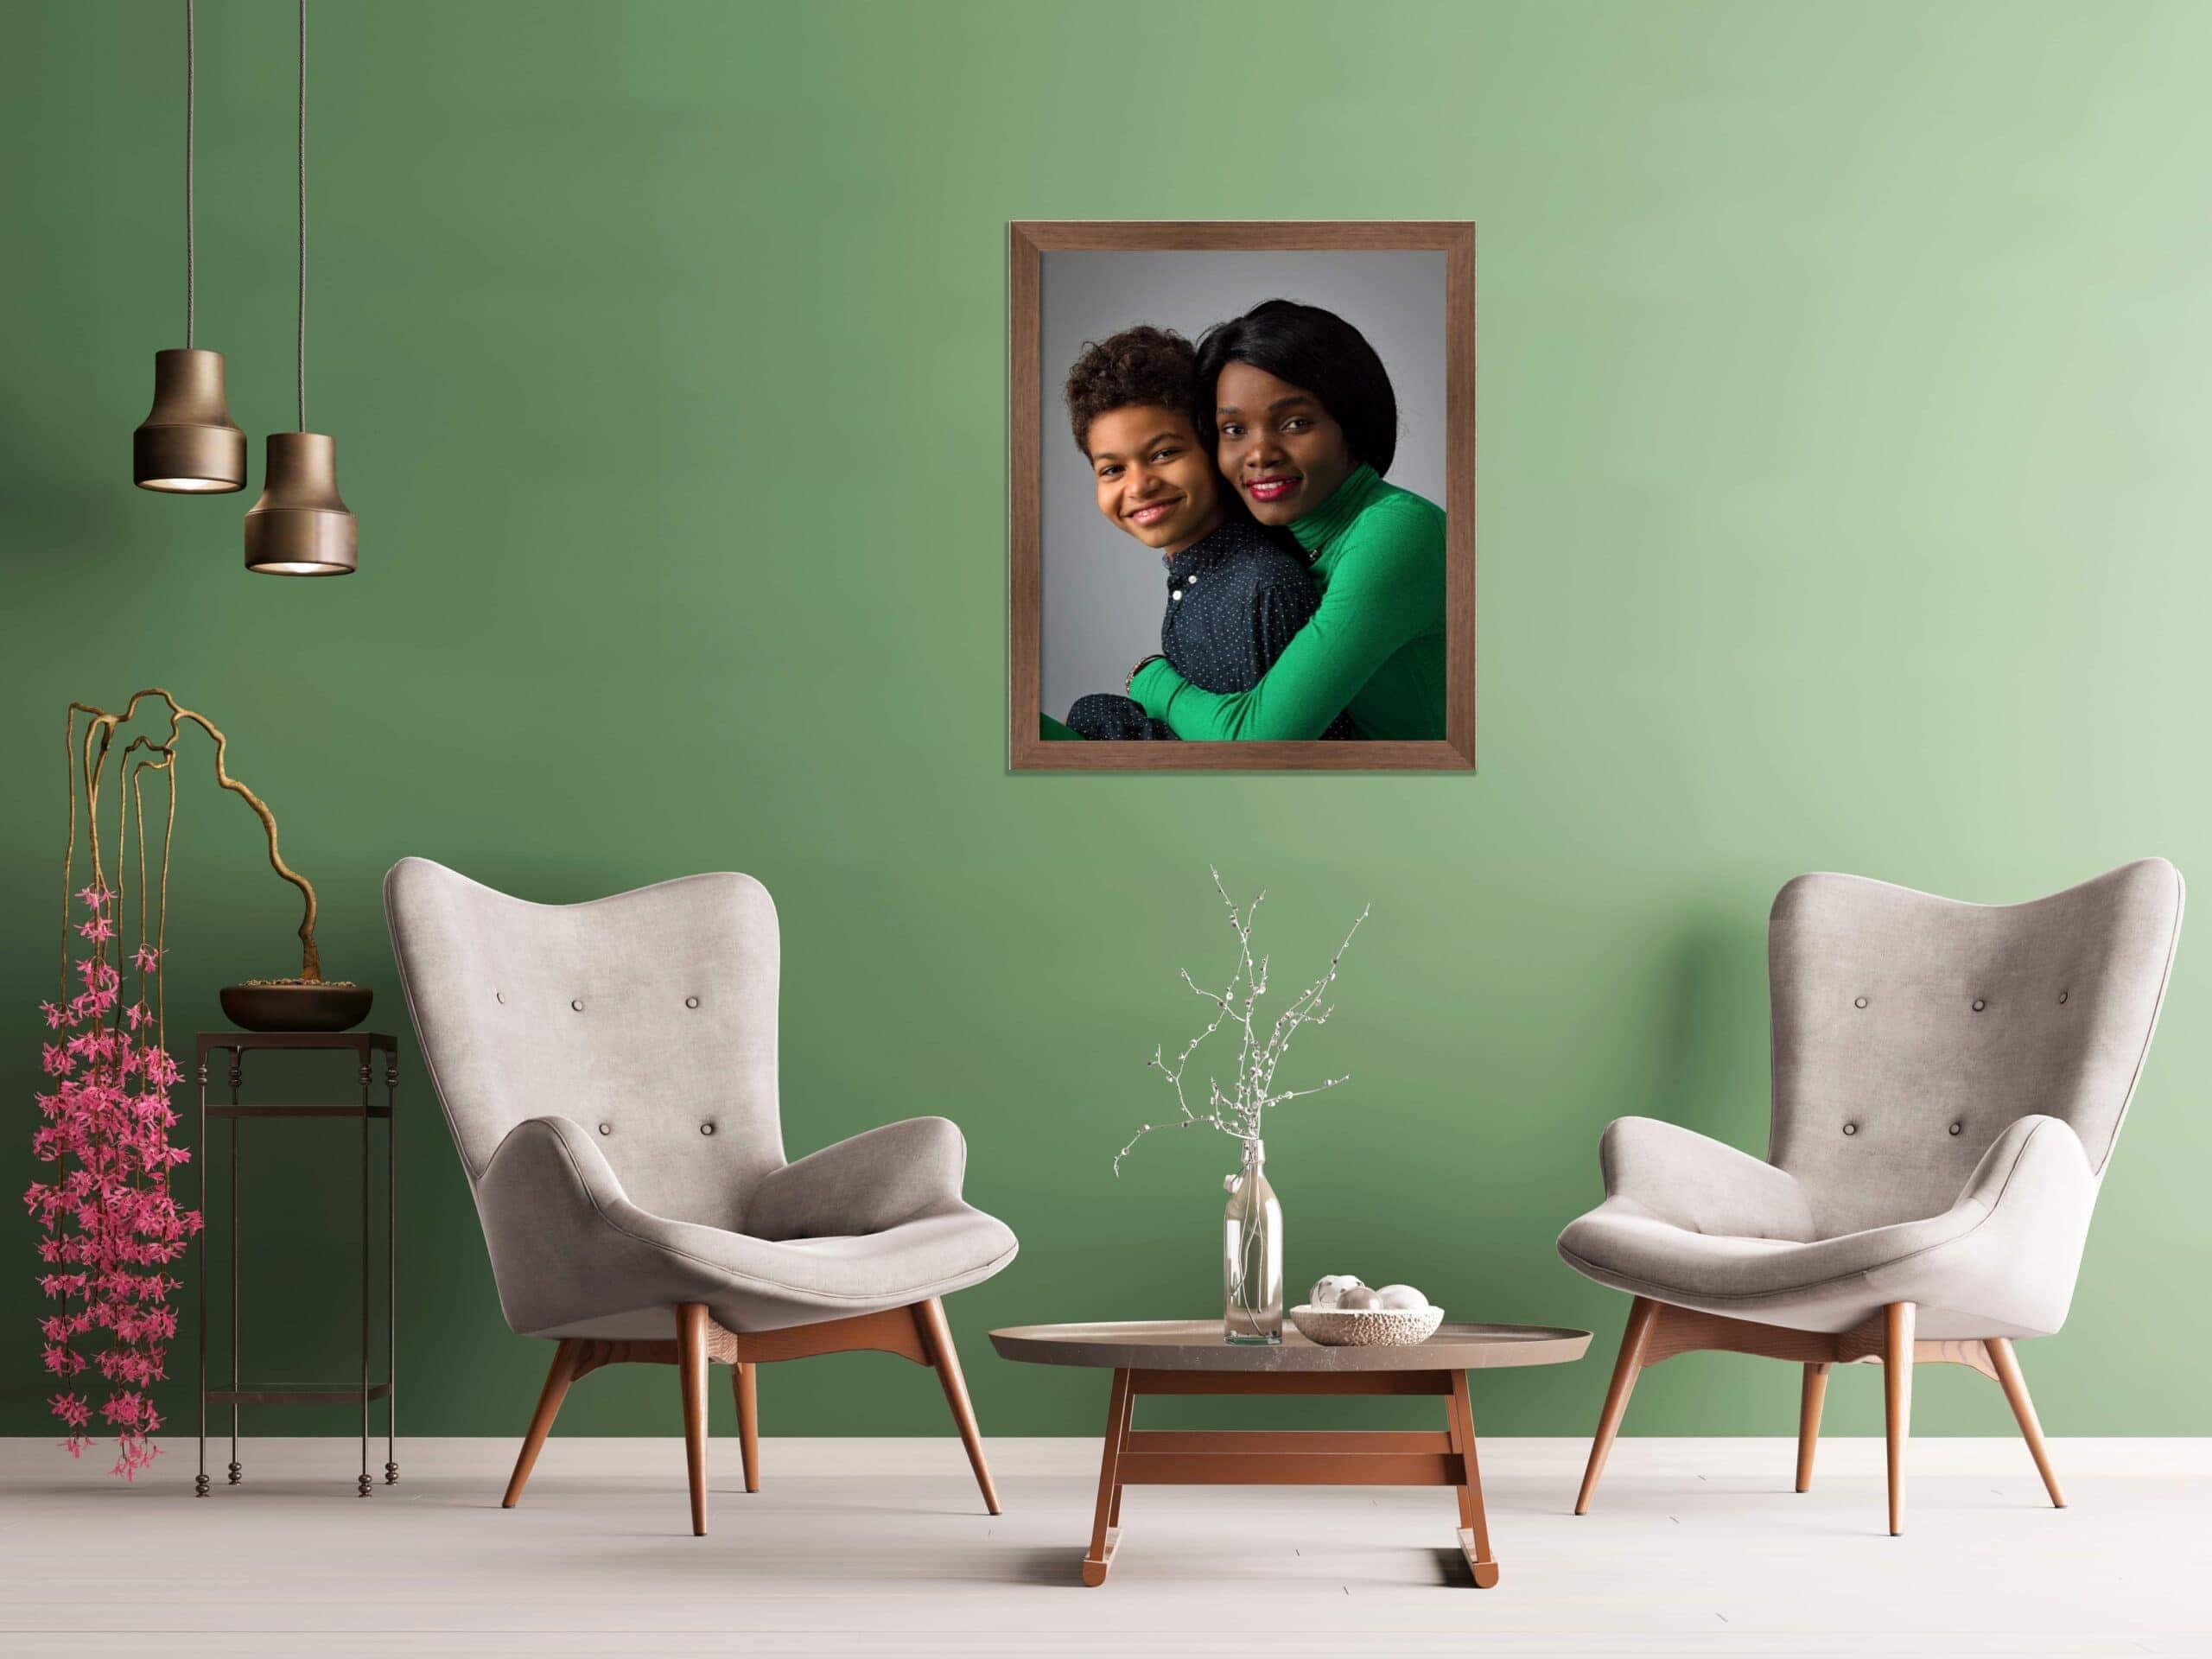 family photos design ideas offley photography